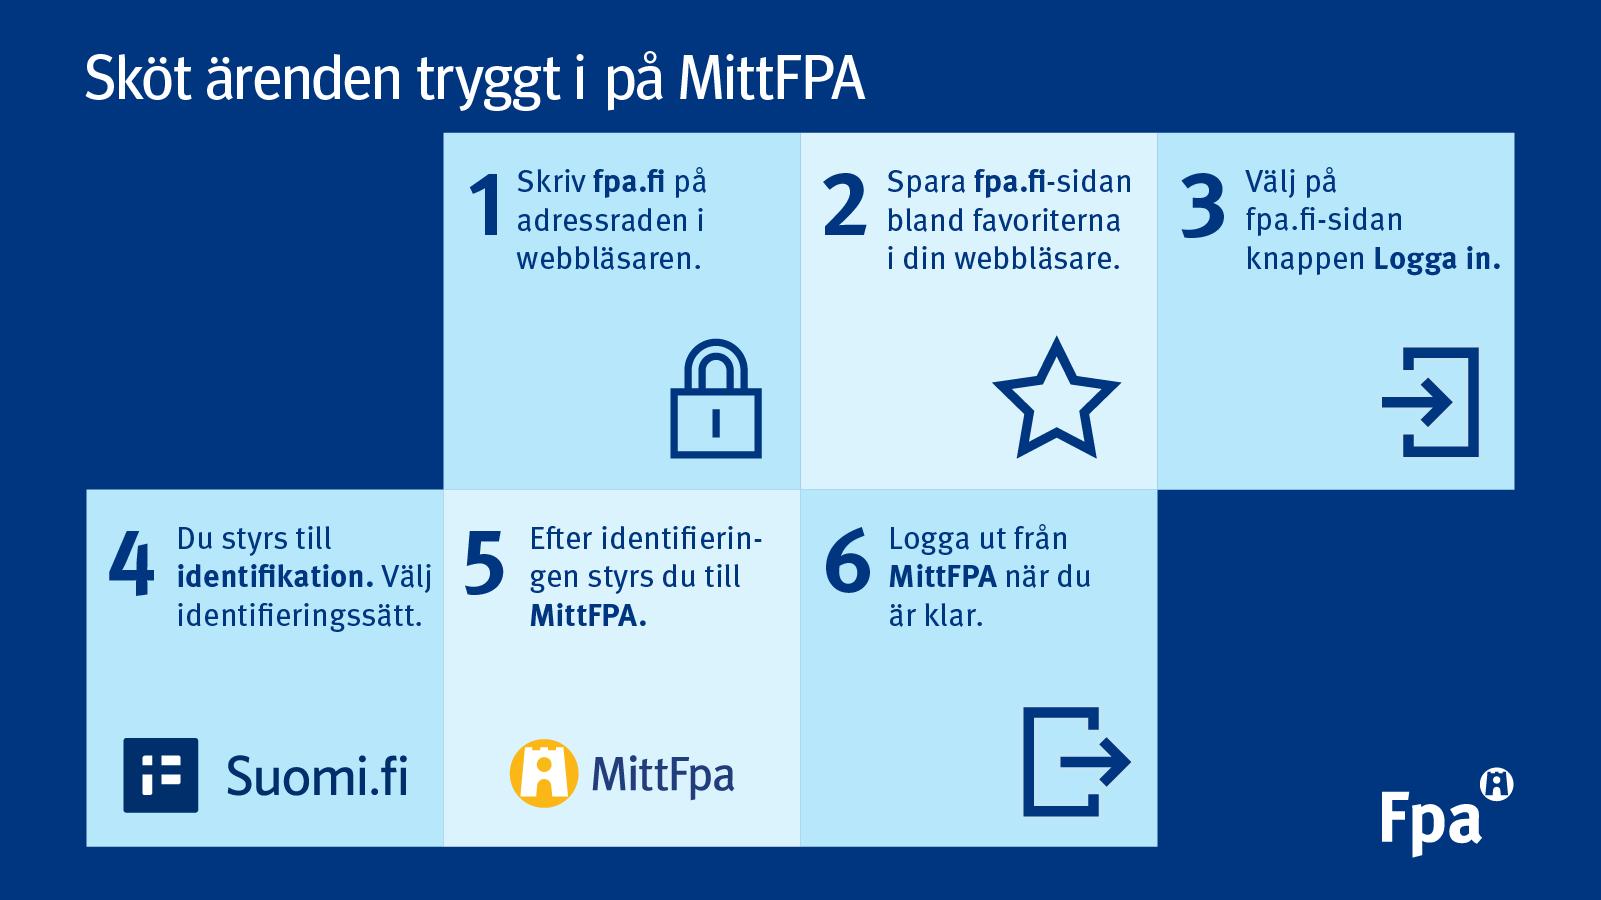 Sköt ärenden tryggt i på MittFPA.